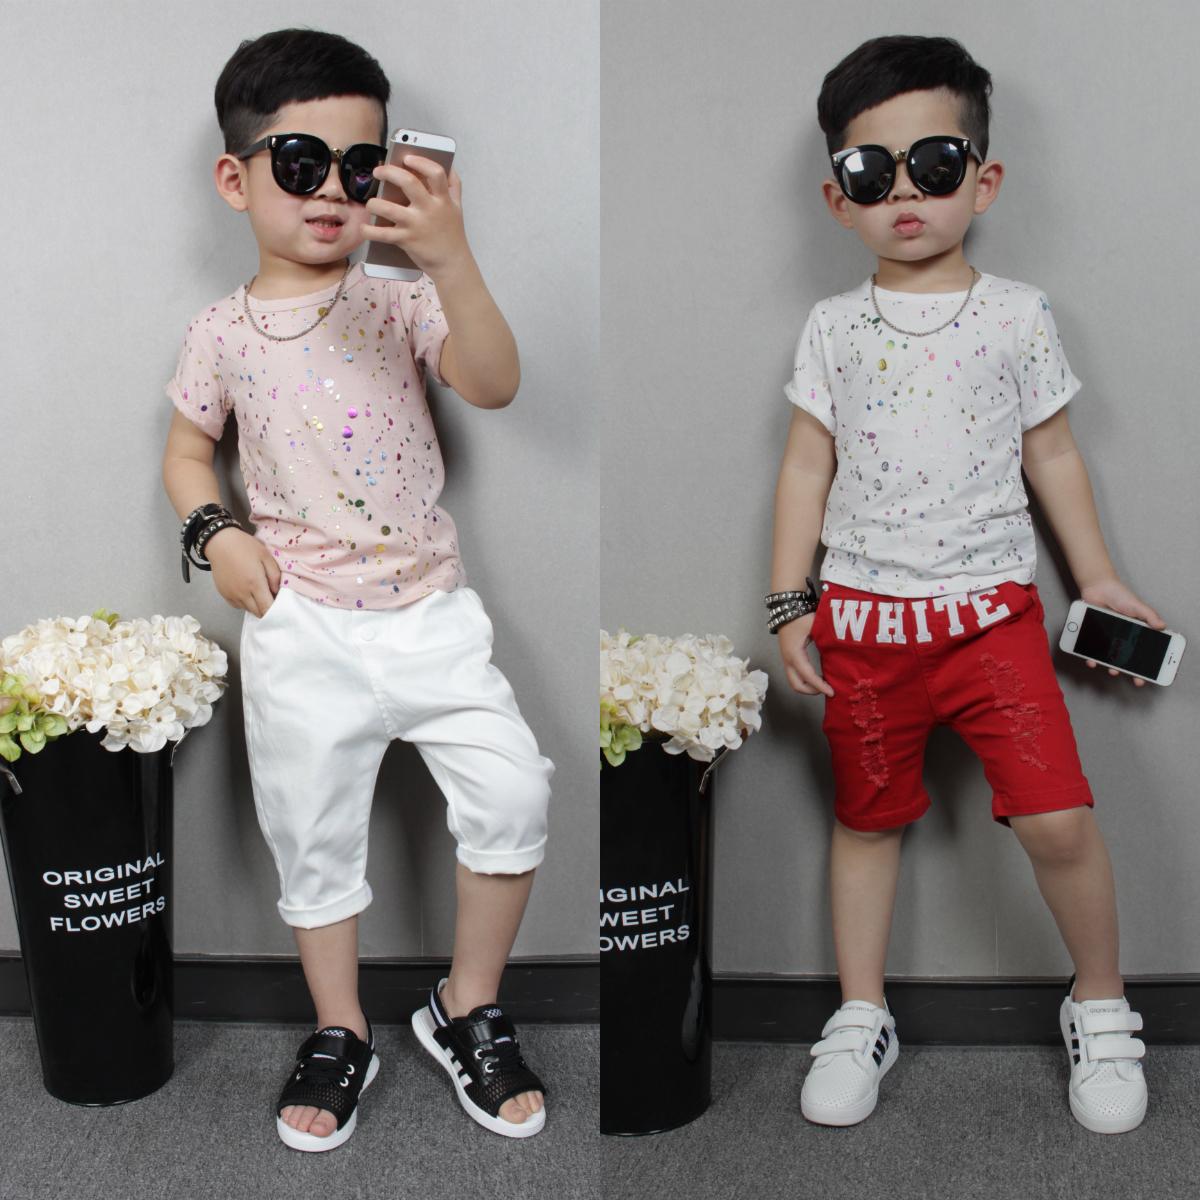 КАКА 2016 новых весной и летом одежды для мальчиков и девочек хлопок короткий рукав t рубашка пальто корейских детей одежды младенца ребенка Тайд